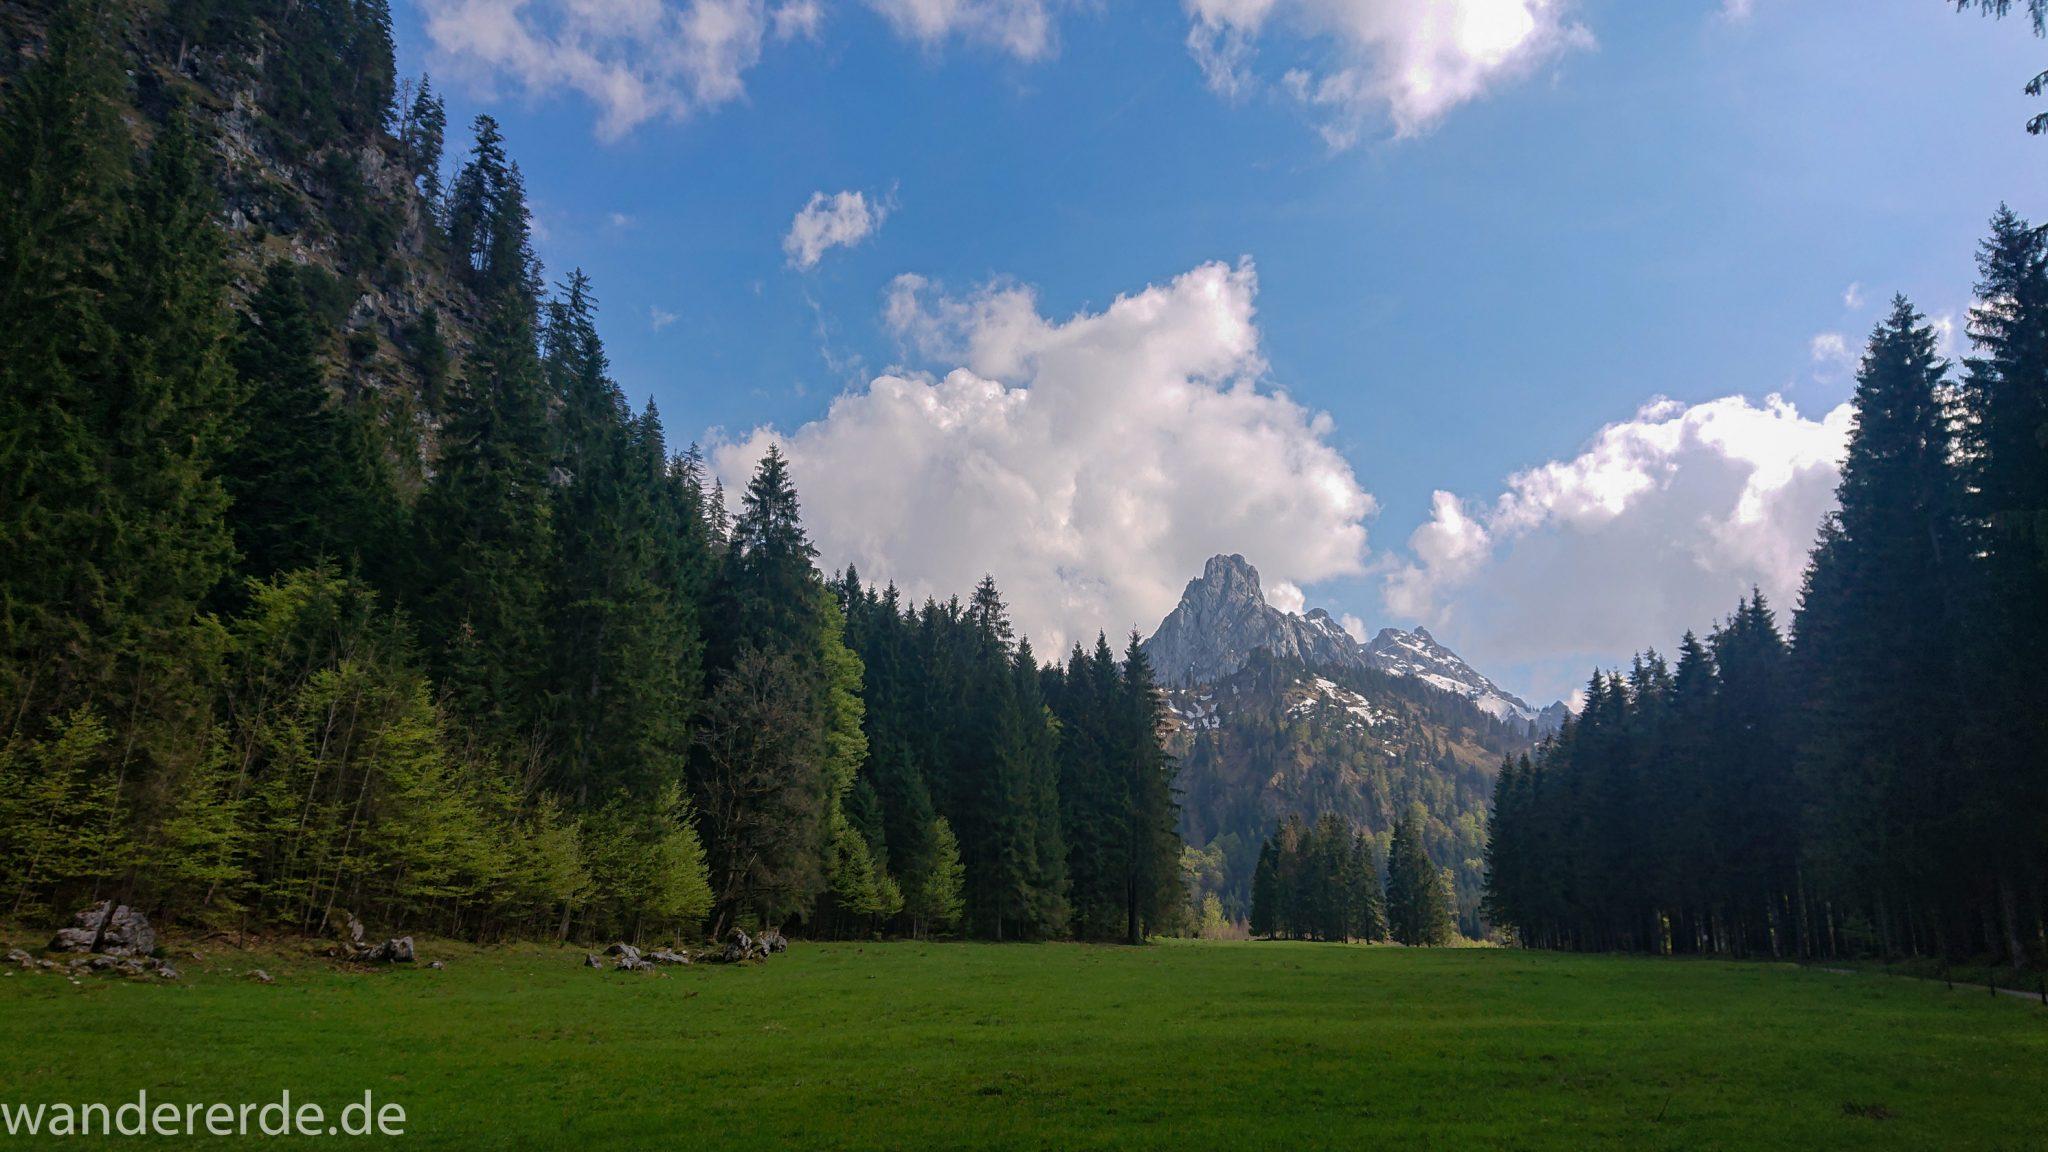 Wanderung zur Kenzenhütte in den Ammergauer Alpen, Aussicht auf die teils schneebedeckten Berge, Frühjahr in den bayerischen Alpen, Wanderweg führt entlang dichtem grünen Wald und saftigen Wiesen, Mischwald